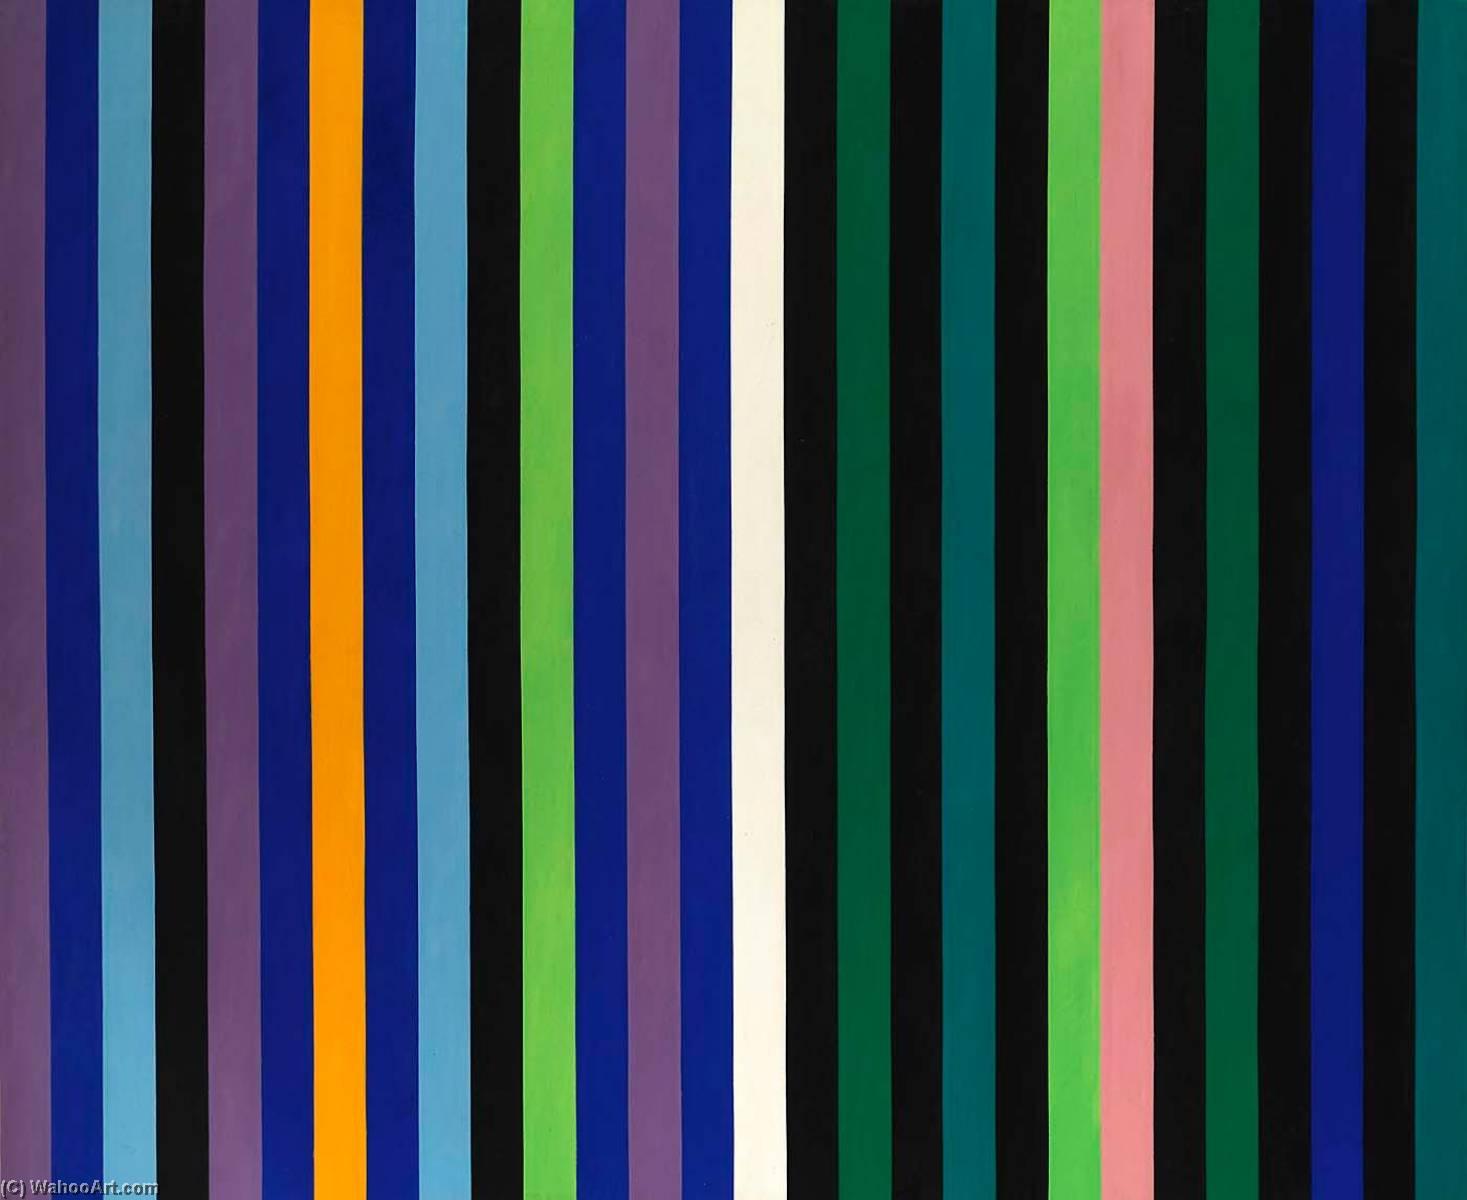 WikiOO.org - Енциклопедія образотворчого мистецтва - Живопис, Картини  Gene Davis - Two Part Blue